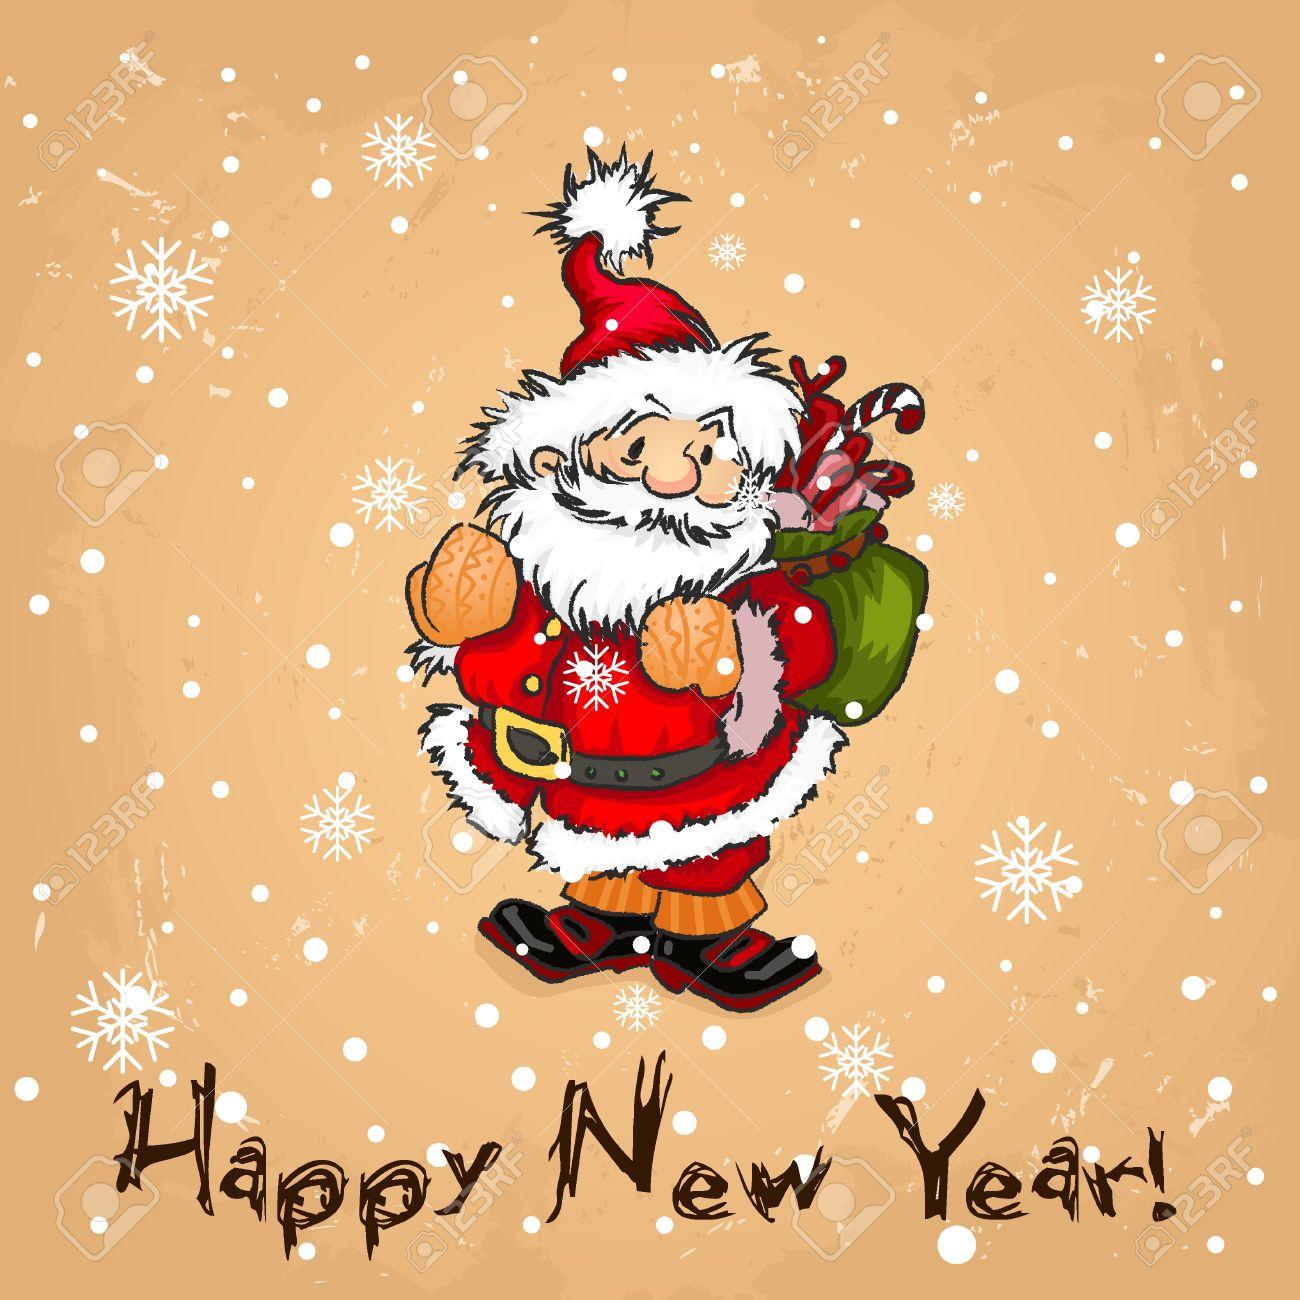 Immagini Babbo Natale Vintage.Babbo Natale Sul Vintage Background Buon Natale Buon Natale Cartolina Retro Cartolina Babbo Mano Pupazzi Di Neve Polar Bear Pareggio